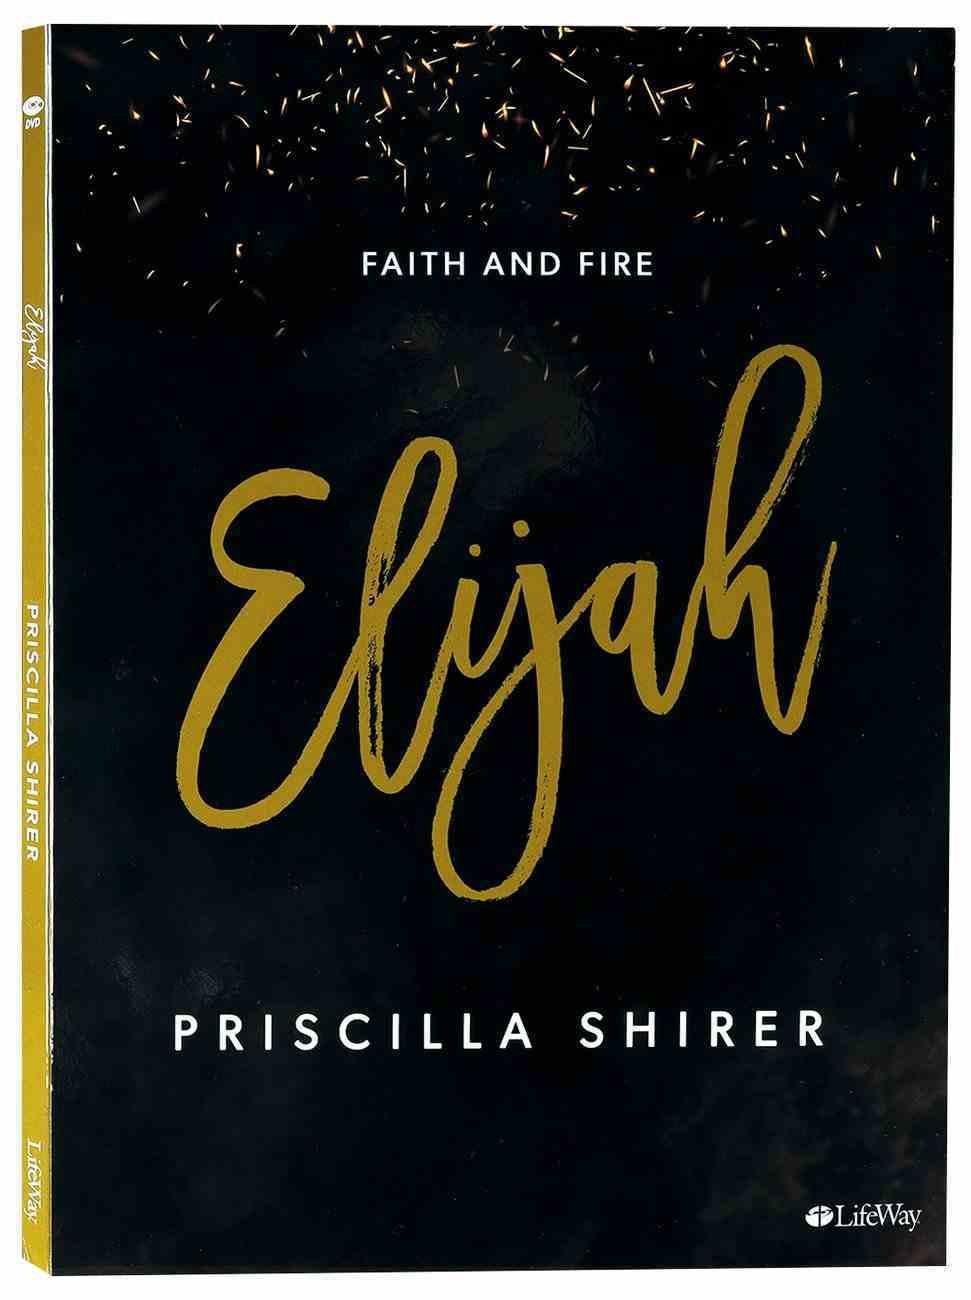 Elijah (Dvd Only Set, 2 Dvds) DVD